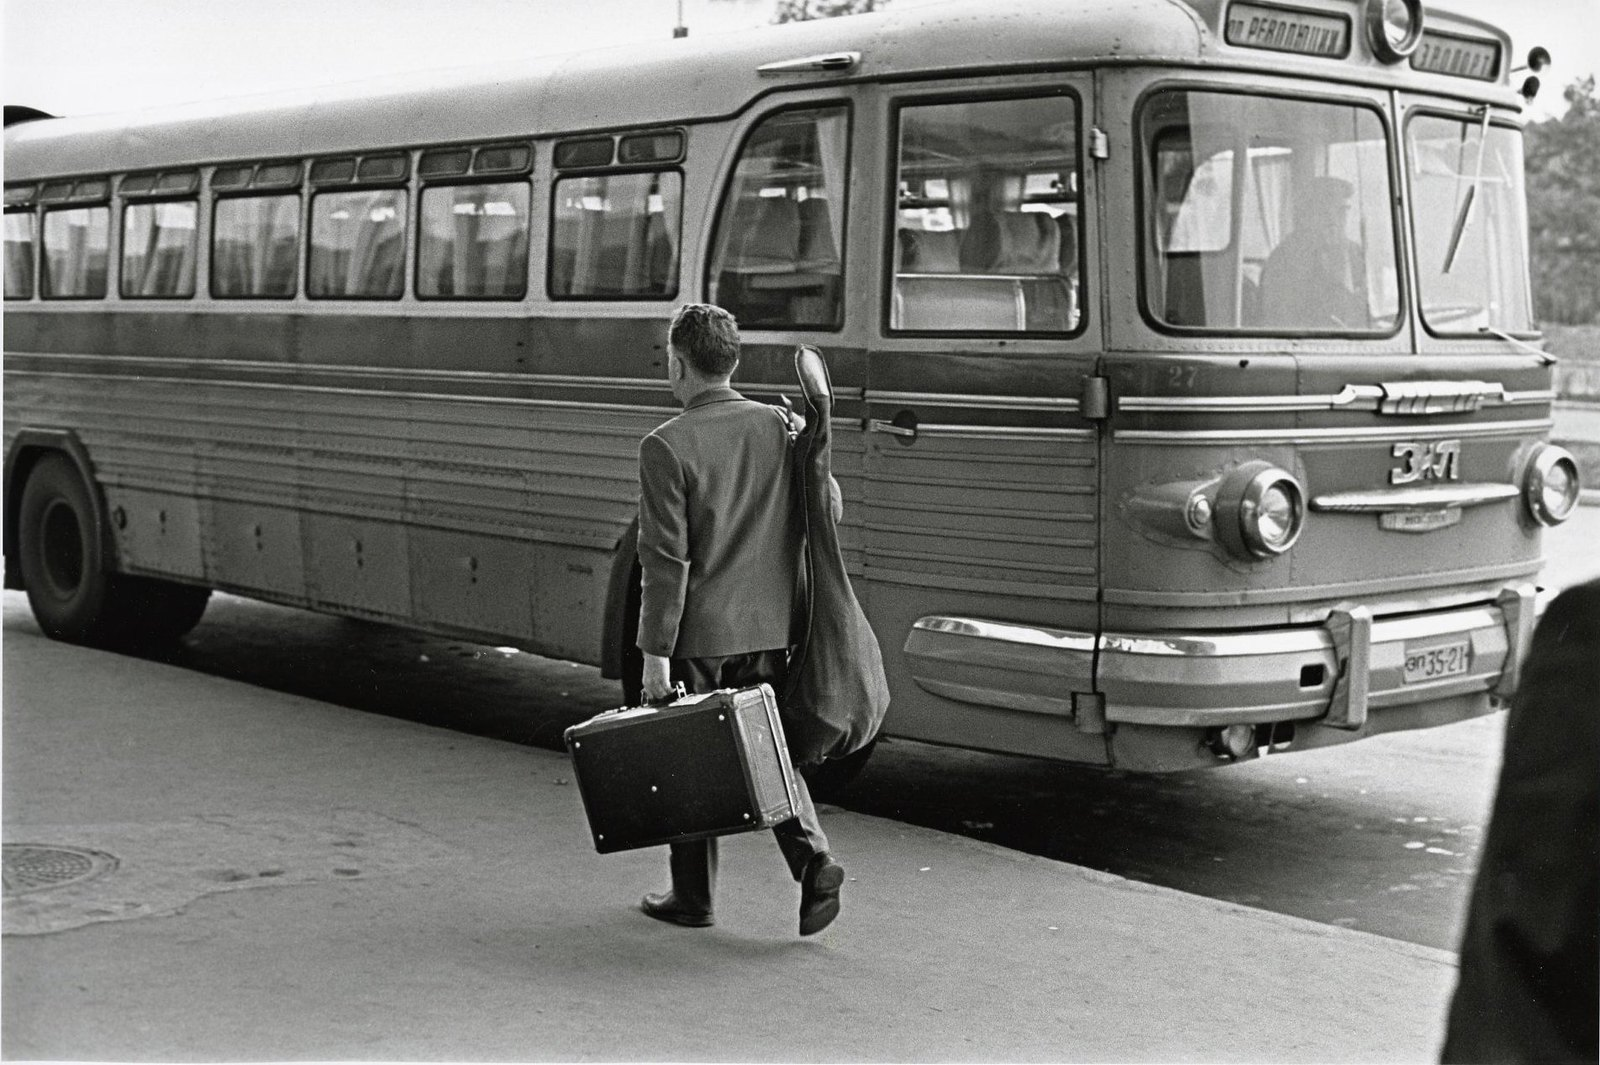 1964. Автобус в аэропорт